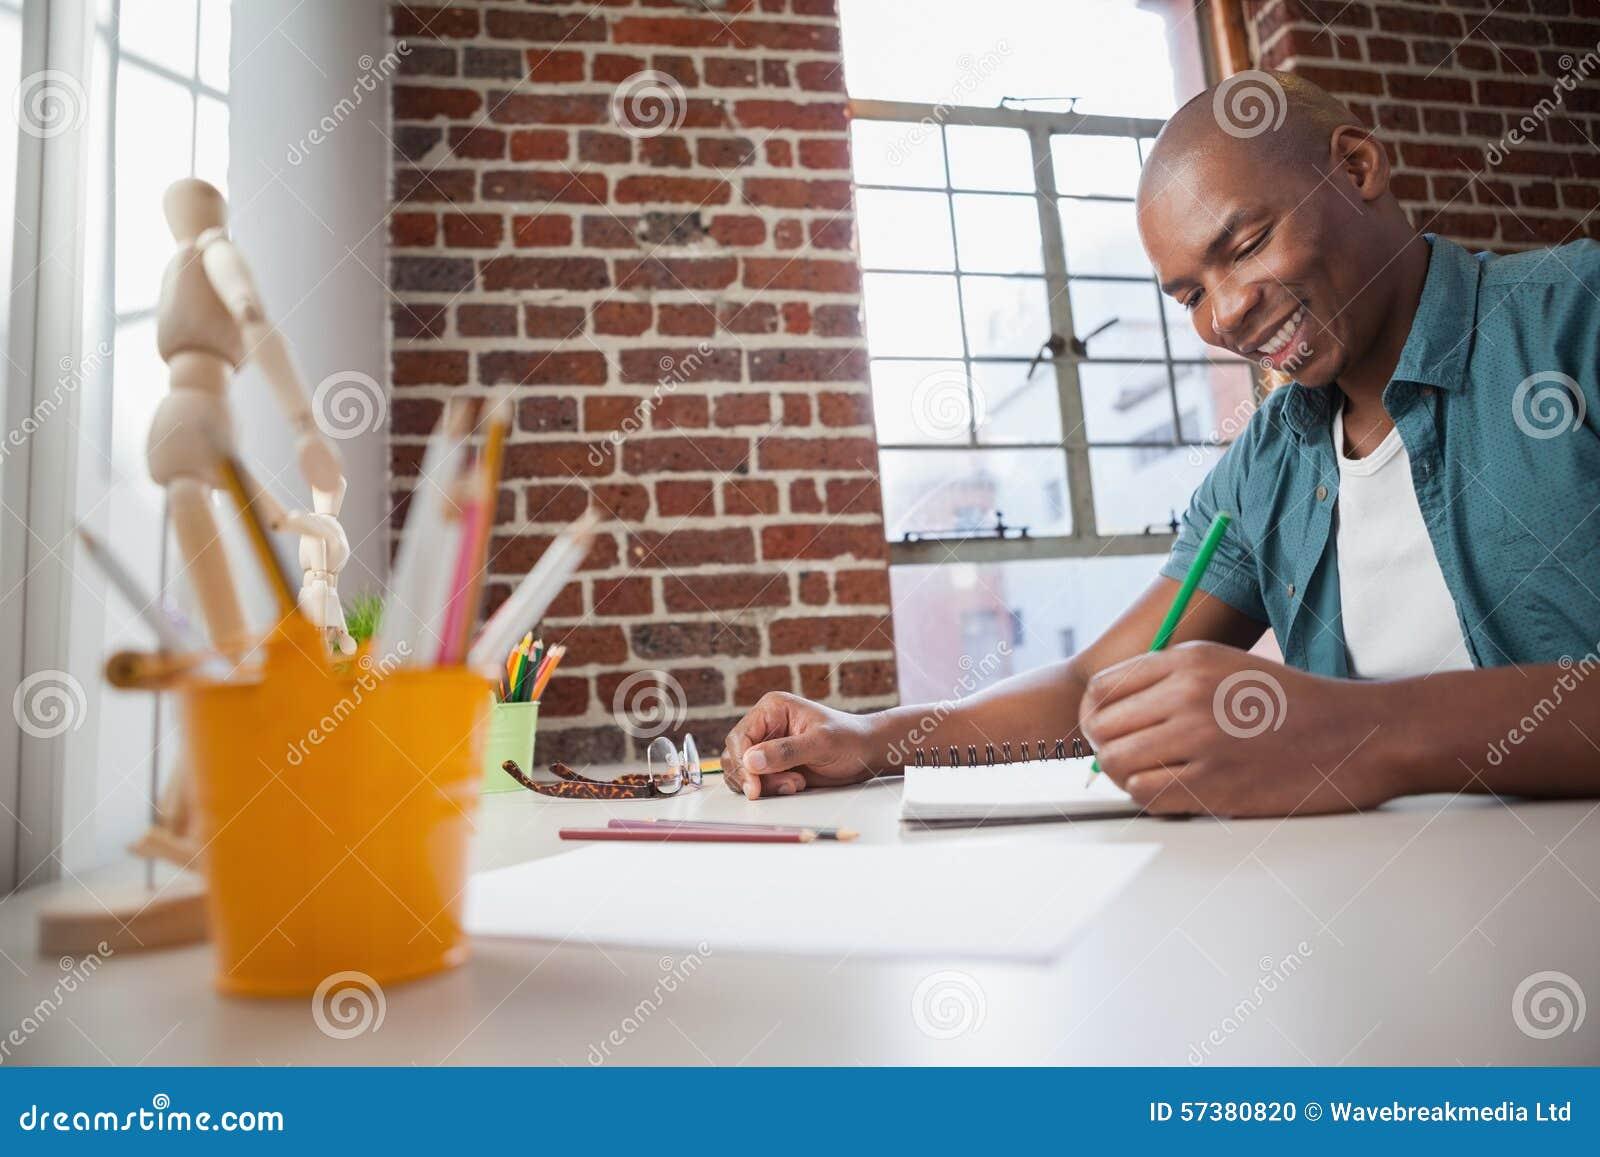 Дизайнер делая эскиз к на бумаге с карандашем